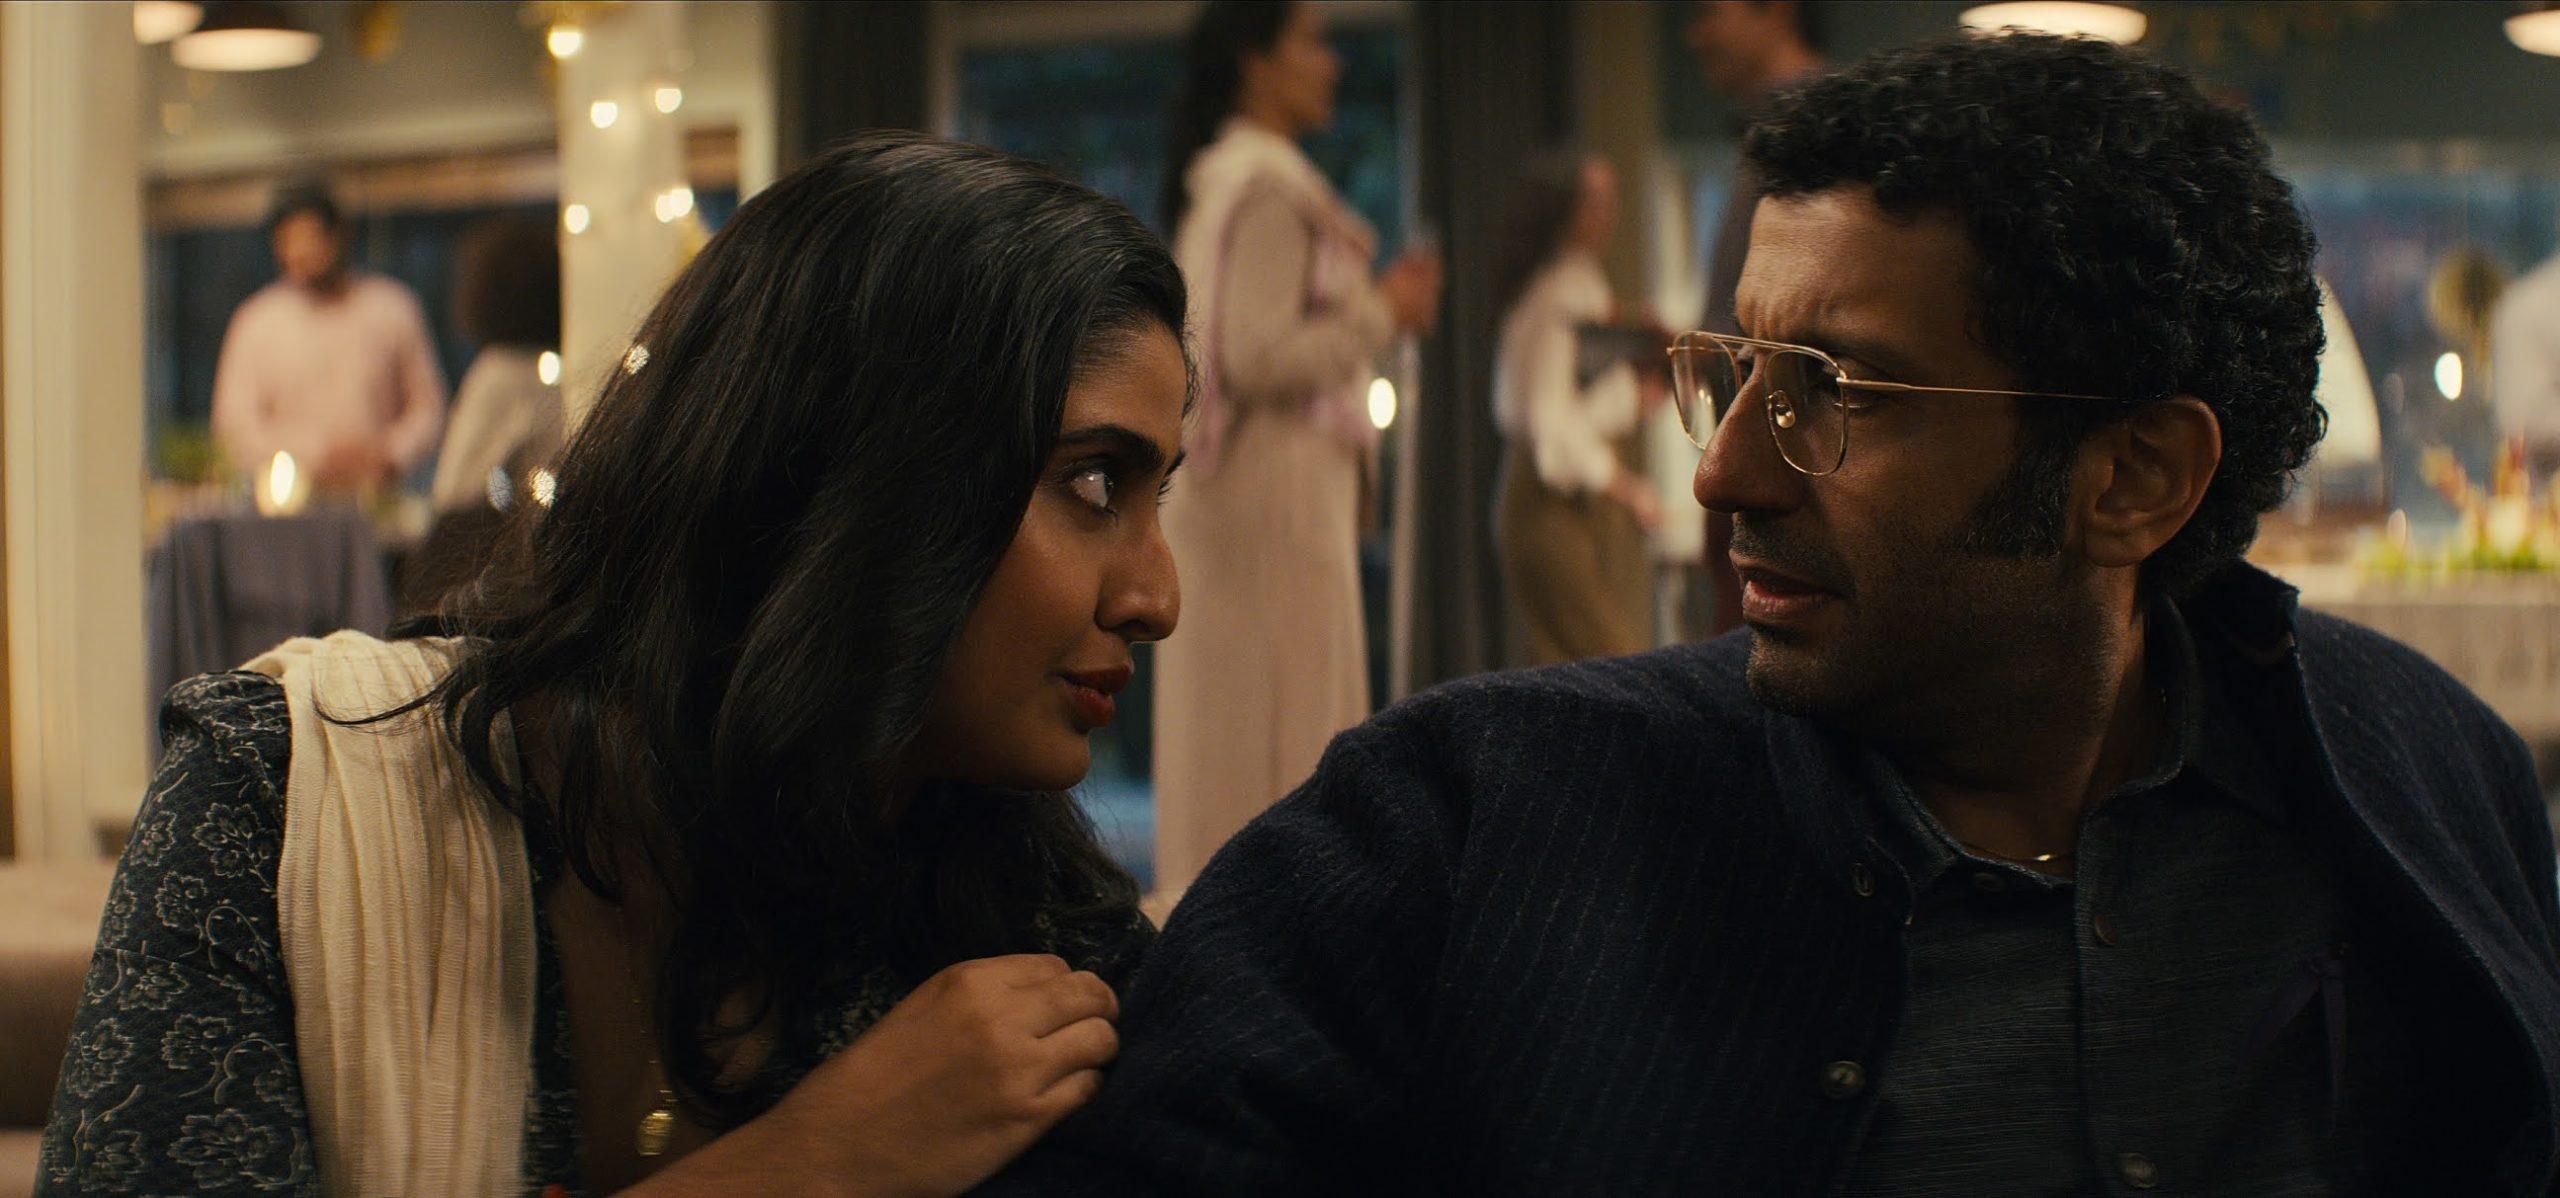 Cena da série Sweet Tooth. Nessa imagem temos o casal Singh, de ascendência indiana, da direita para a esquerda: Rani e Aditya. Ambos em plano conjunto fechado. Eles estão em uma festa na casa de um vizinho, fora de foco há uma casa com luzes amarelas com várias pessoas com roupas mais clássicas em tons sóbrios. Rani tem o cabelo médio, preto e está levemente ondulado ela está sentada de frente e com a cabeça em perfil falando com o marido, olhando nos olhos dele e coloca a mão direita no braço direito dele, ela veste uma blusa preta com estampas simples de folha, em que os elementos têm apenas os contornos e usa um colete bege e um colar com um pingente dourado. Enquanto Aditya está sentado de frente e com o rosto em perfil olhando para a esposa, ele apresenta tensão através do corpo e expressão facial. Ele tem cabelo cacheado e curto, está com a barba aparentando crescer e usa um óculos de grau com armação dourada, ele está vestindo uma camisa cinza escura de botões e uma jaqueta de botões preta com leves listras brancas verticais.